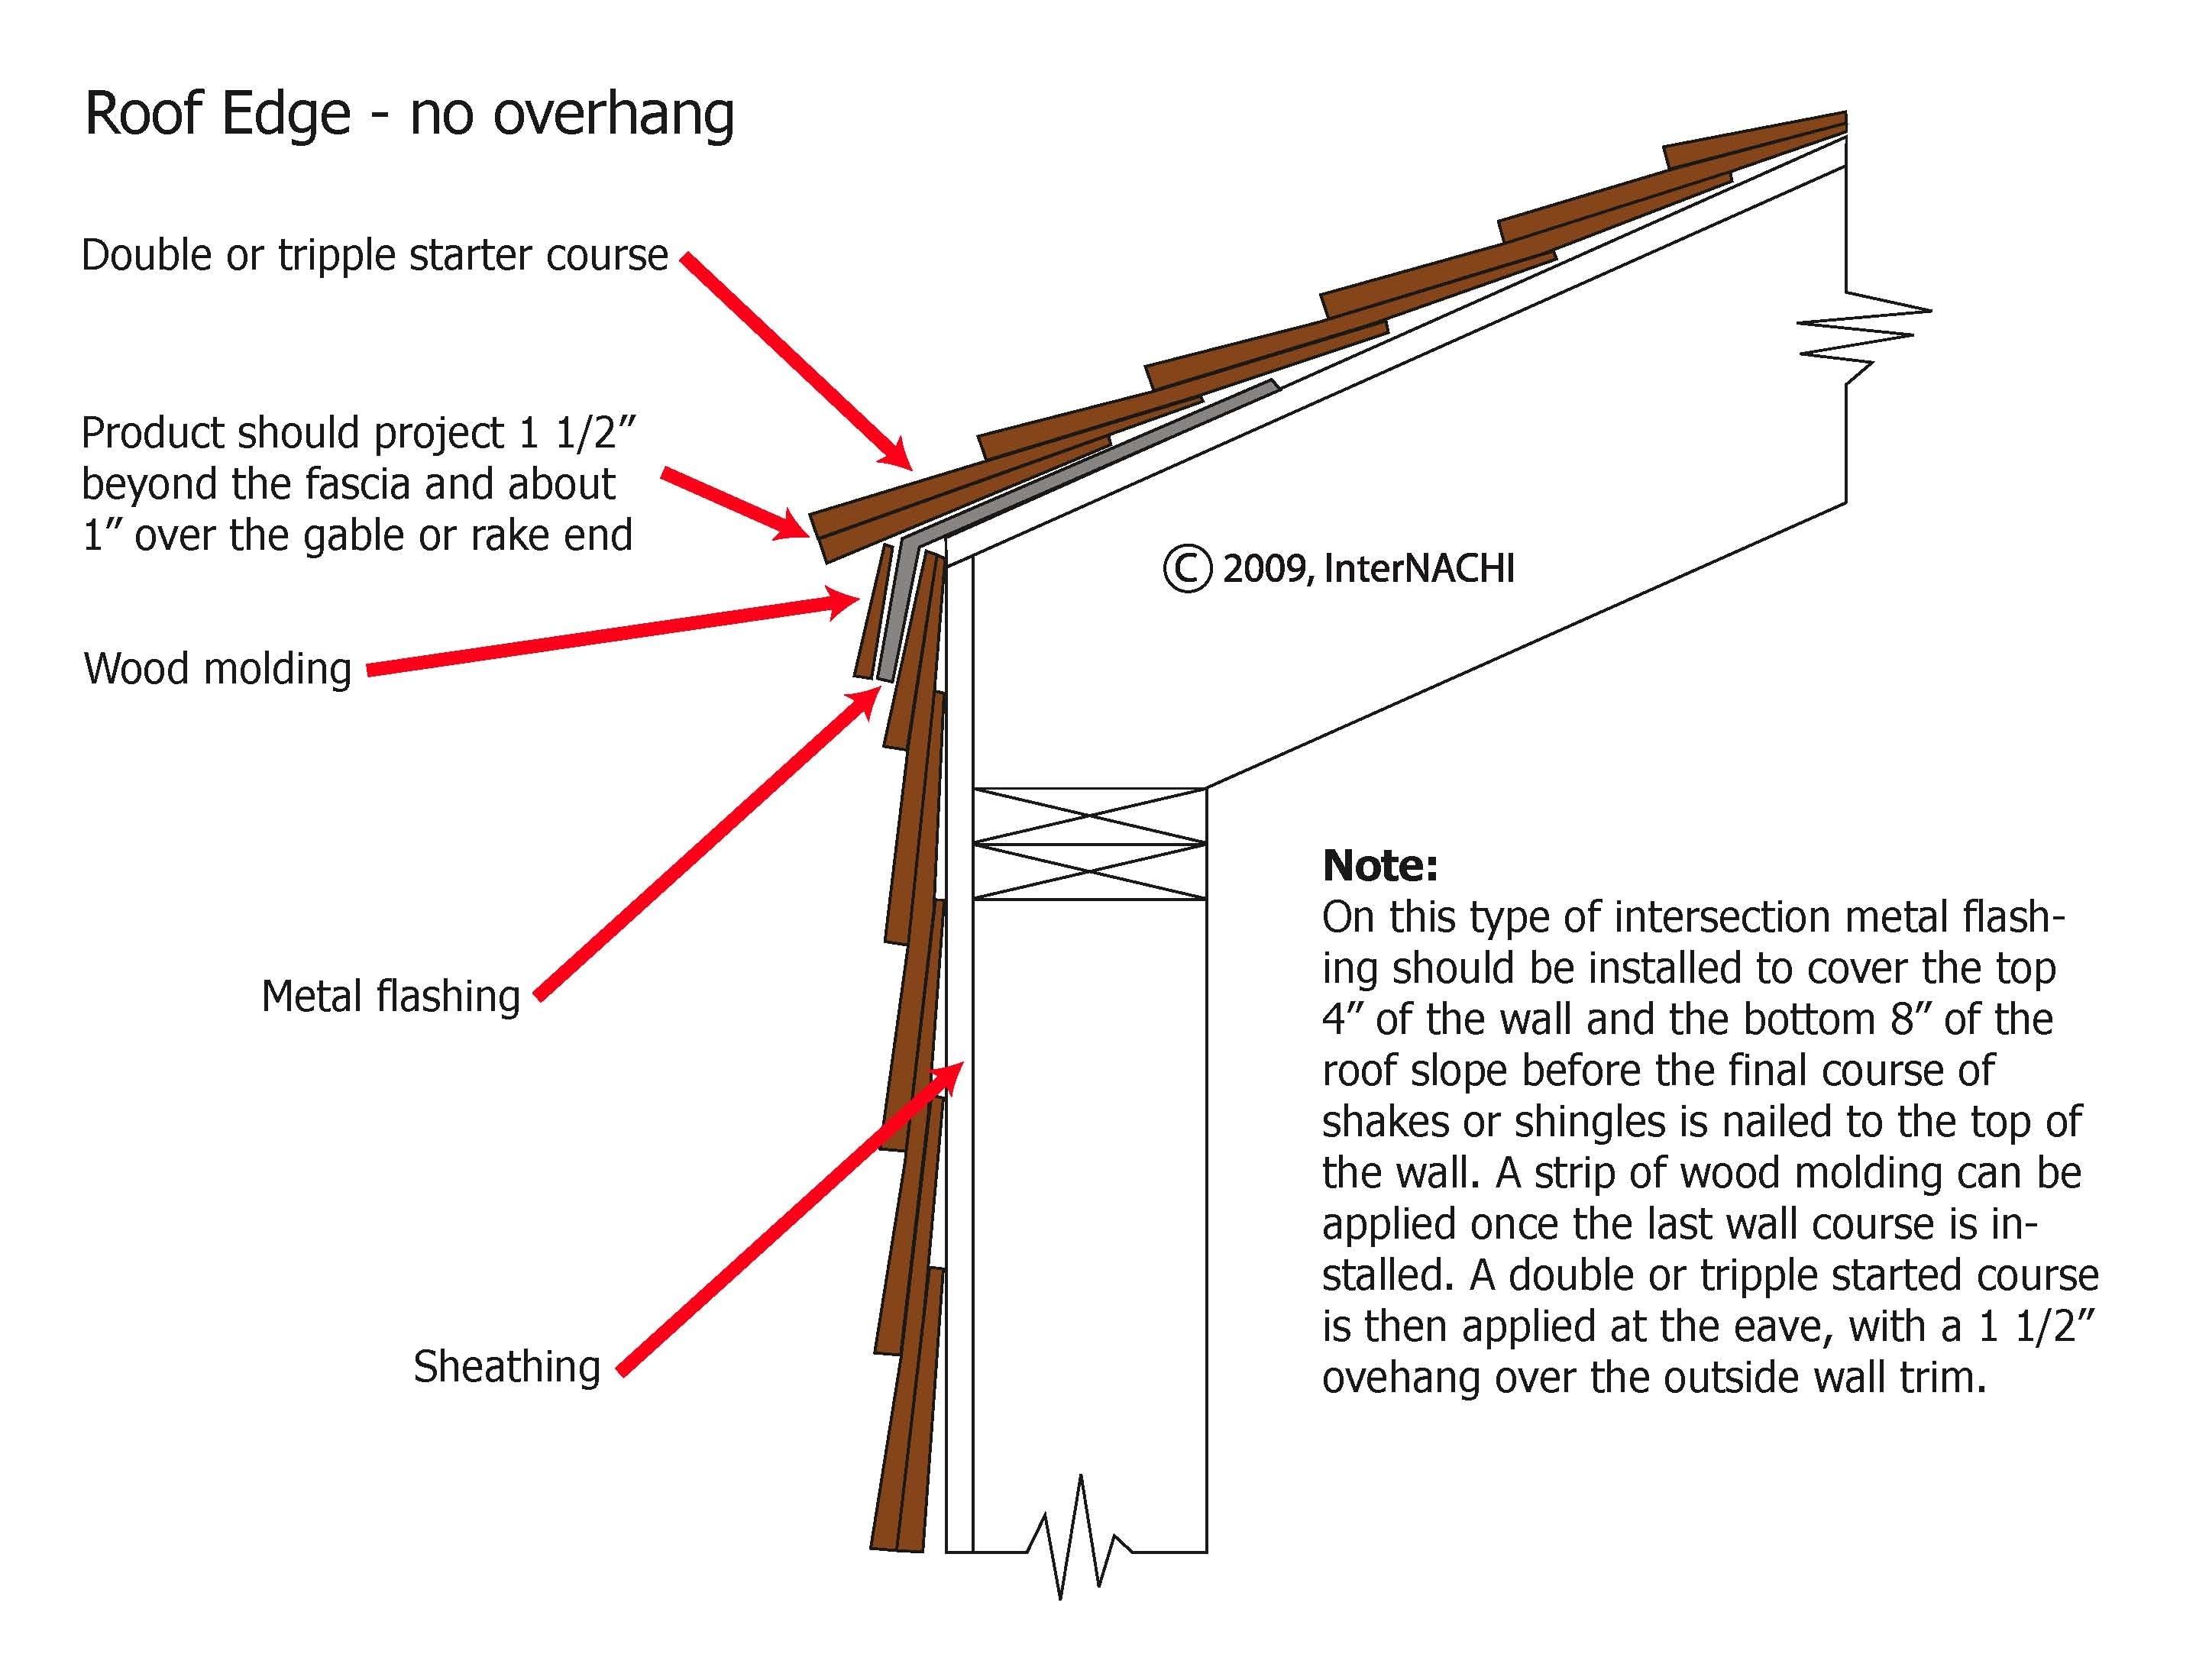 Roof edge, no overhang.